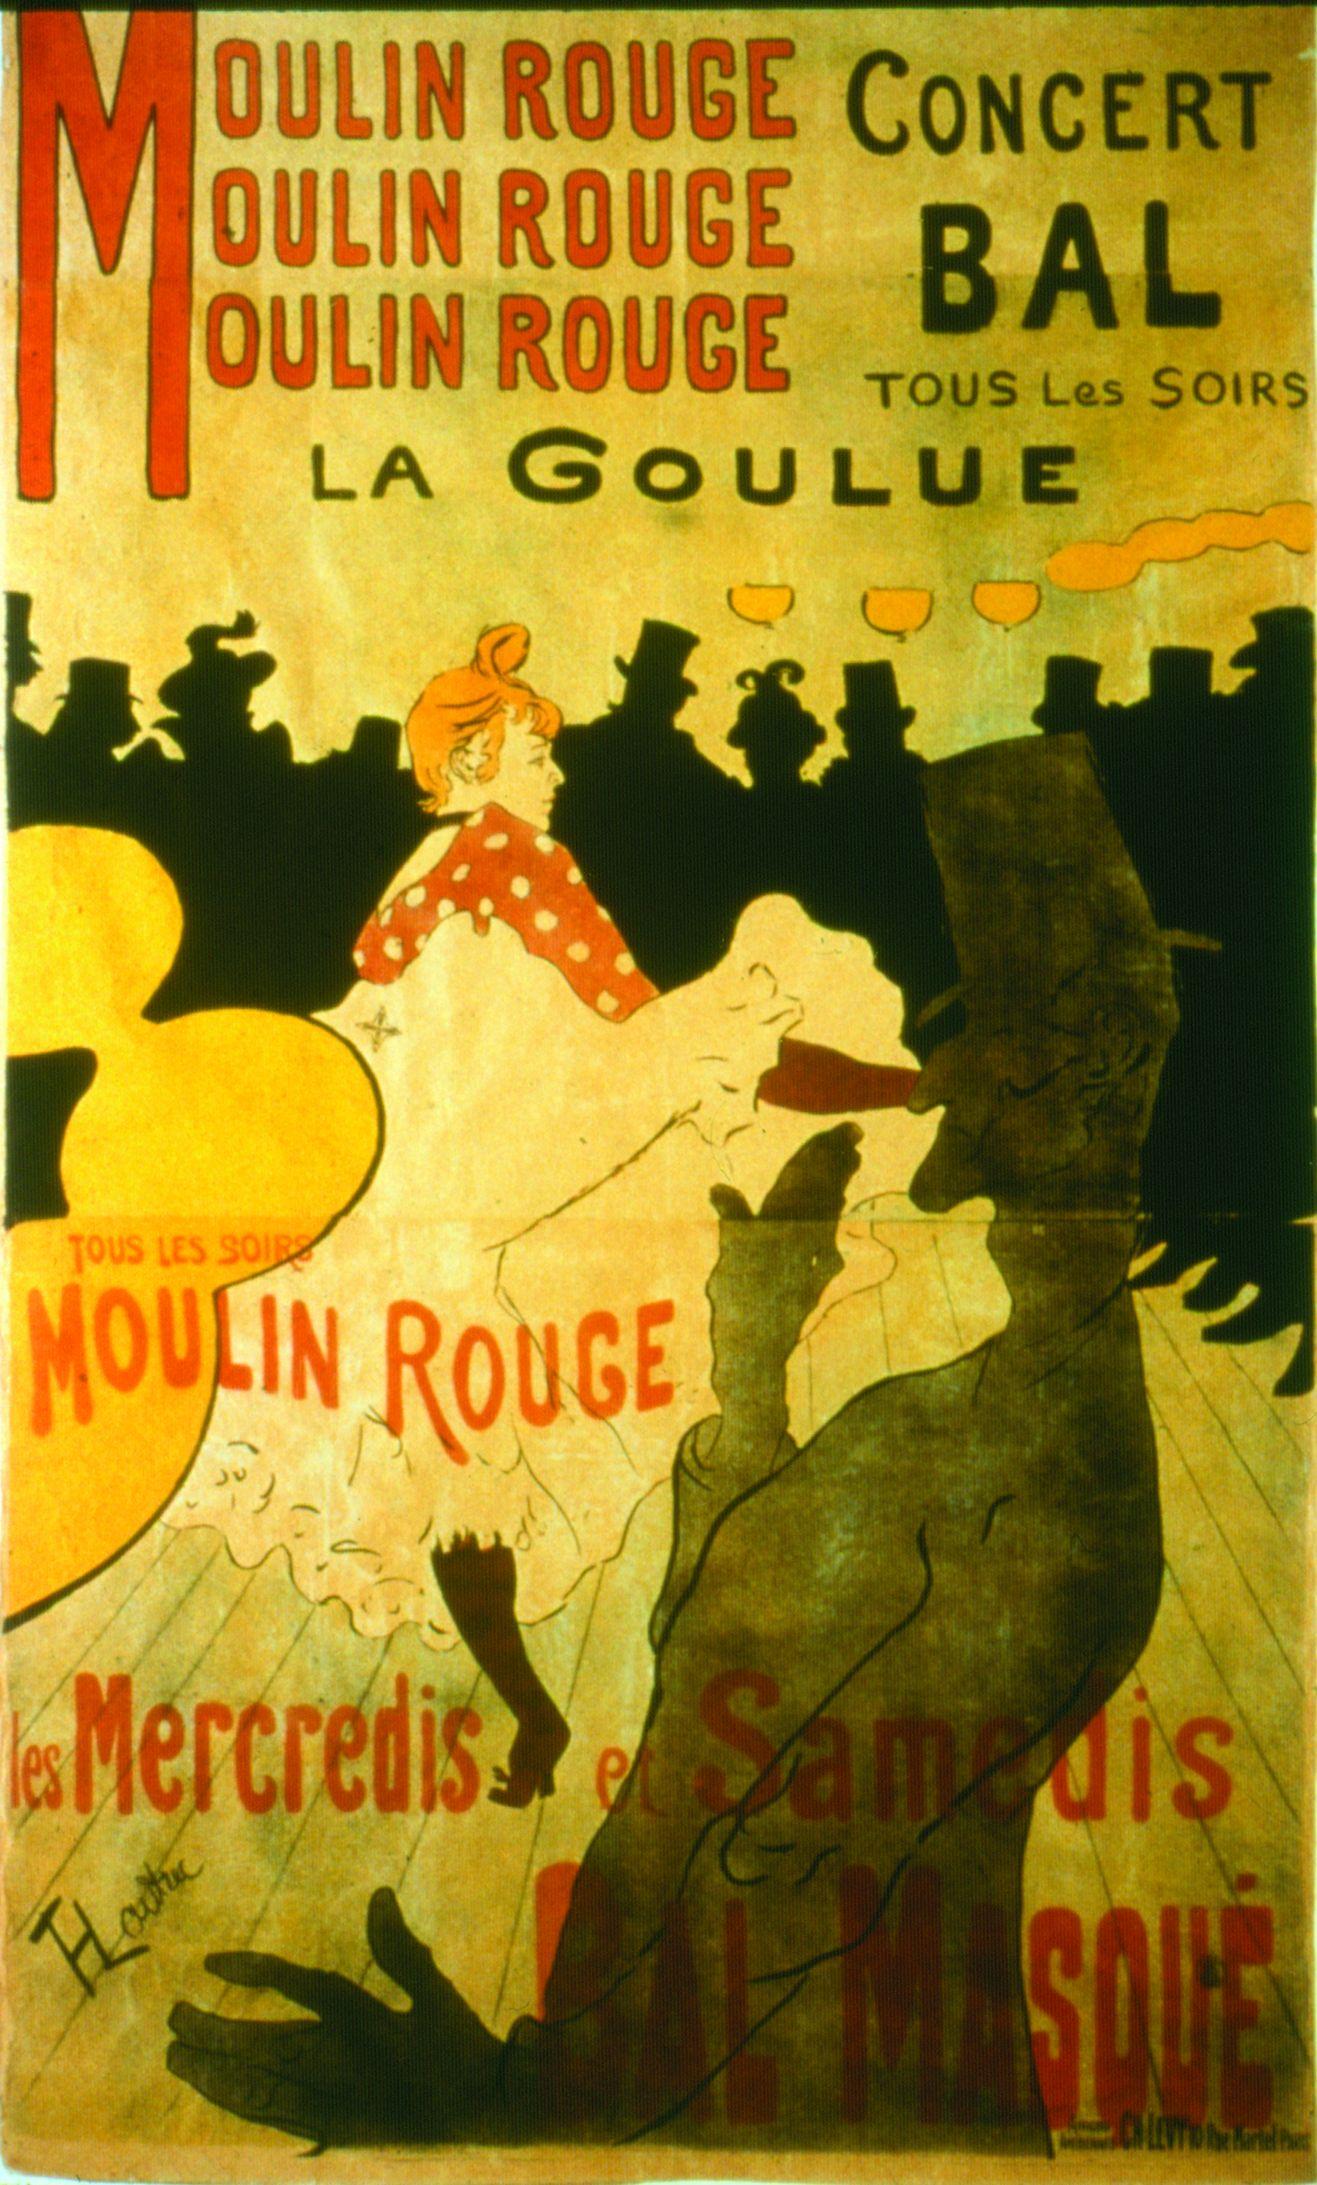 henri-de-toulouse-lautrec-1864-1901-i-moulin-rouge-la-goulue-i-1891-litografia-195-x-122-cm-coleccion-particula-1